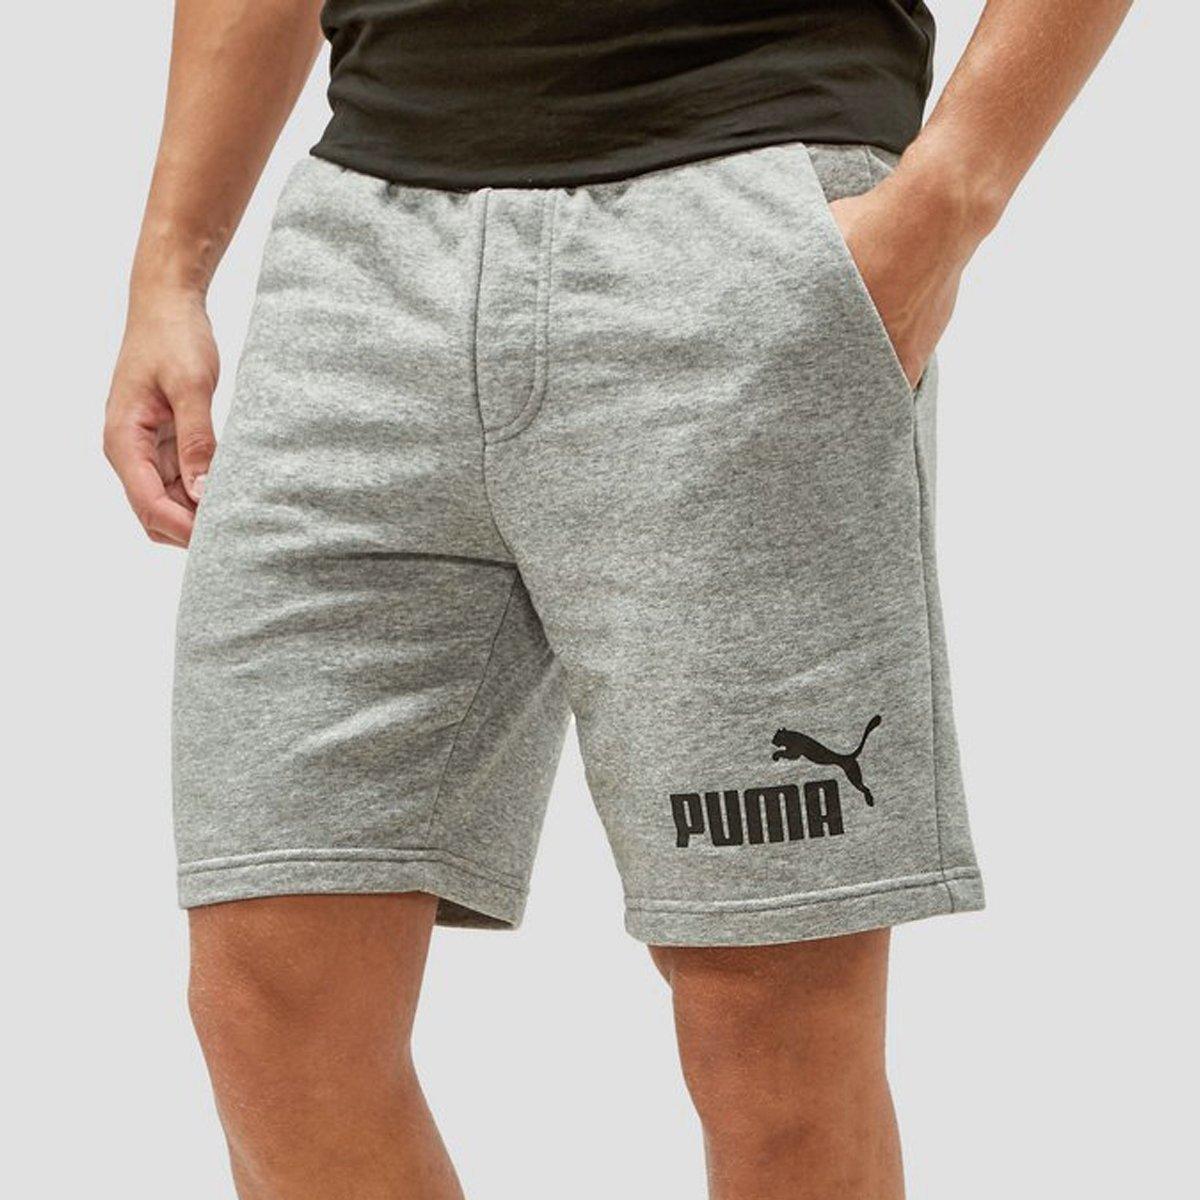 Sport Korte Broek Heren.Puma No 1 Logo Sweatshort Grijs Heren Perrysport